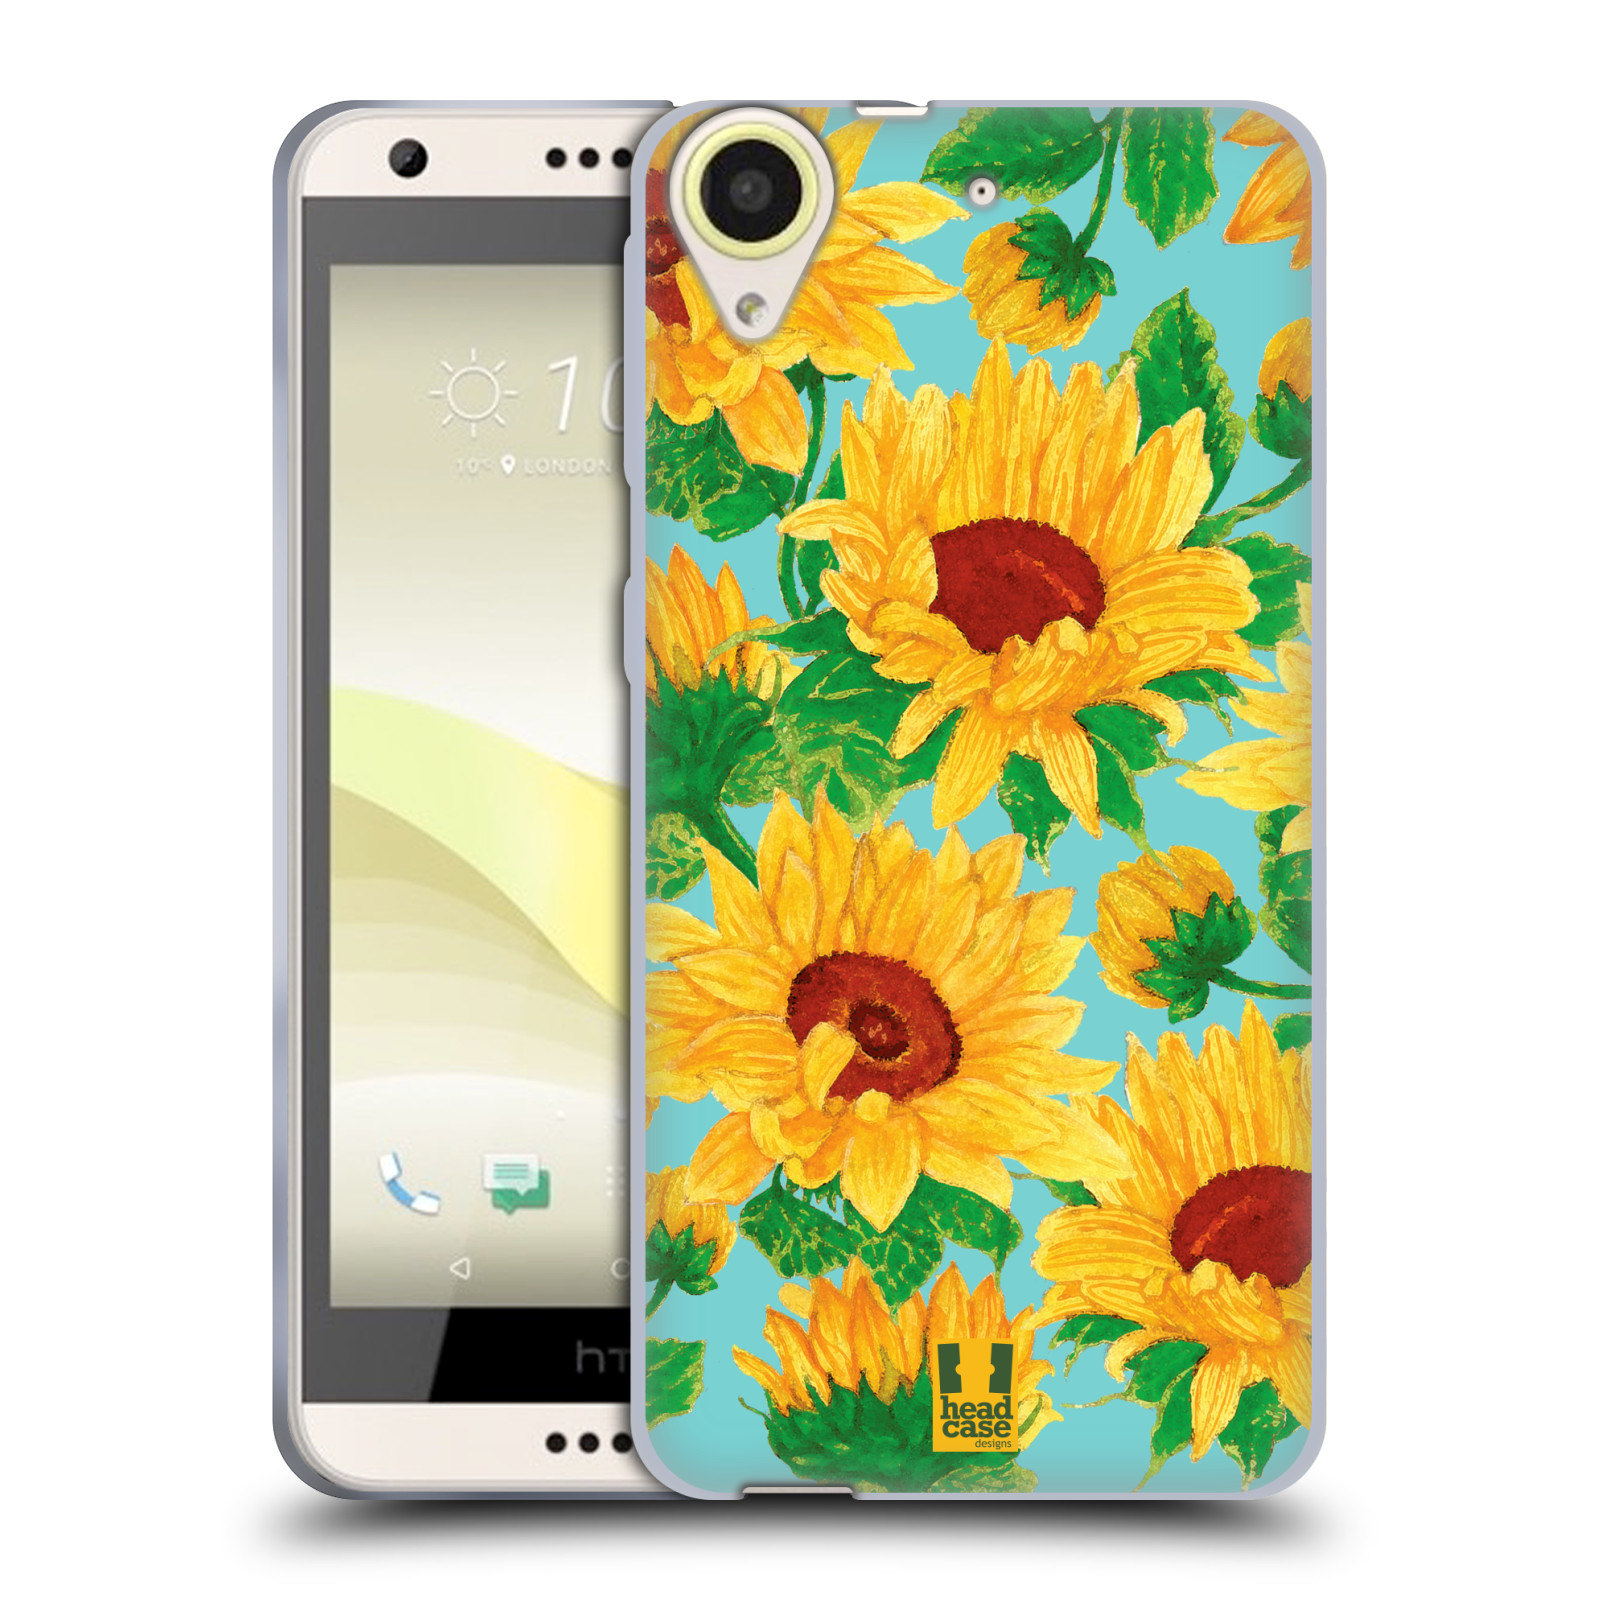 Silikonové pouzdro na mobil HTC Desire 650 HEAD CASE Slunečnice (Silikonový kryt či obal na mobilní telefon HTC Desire 650)